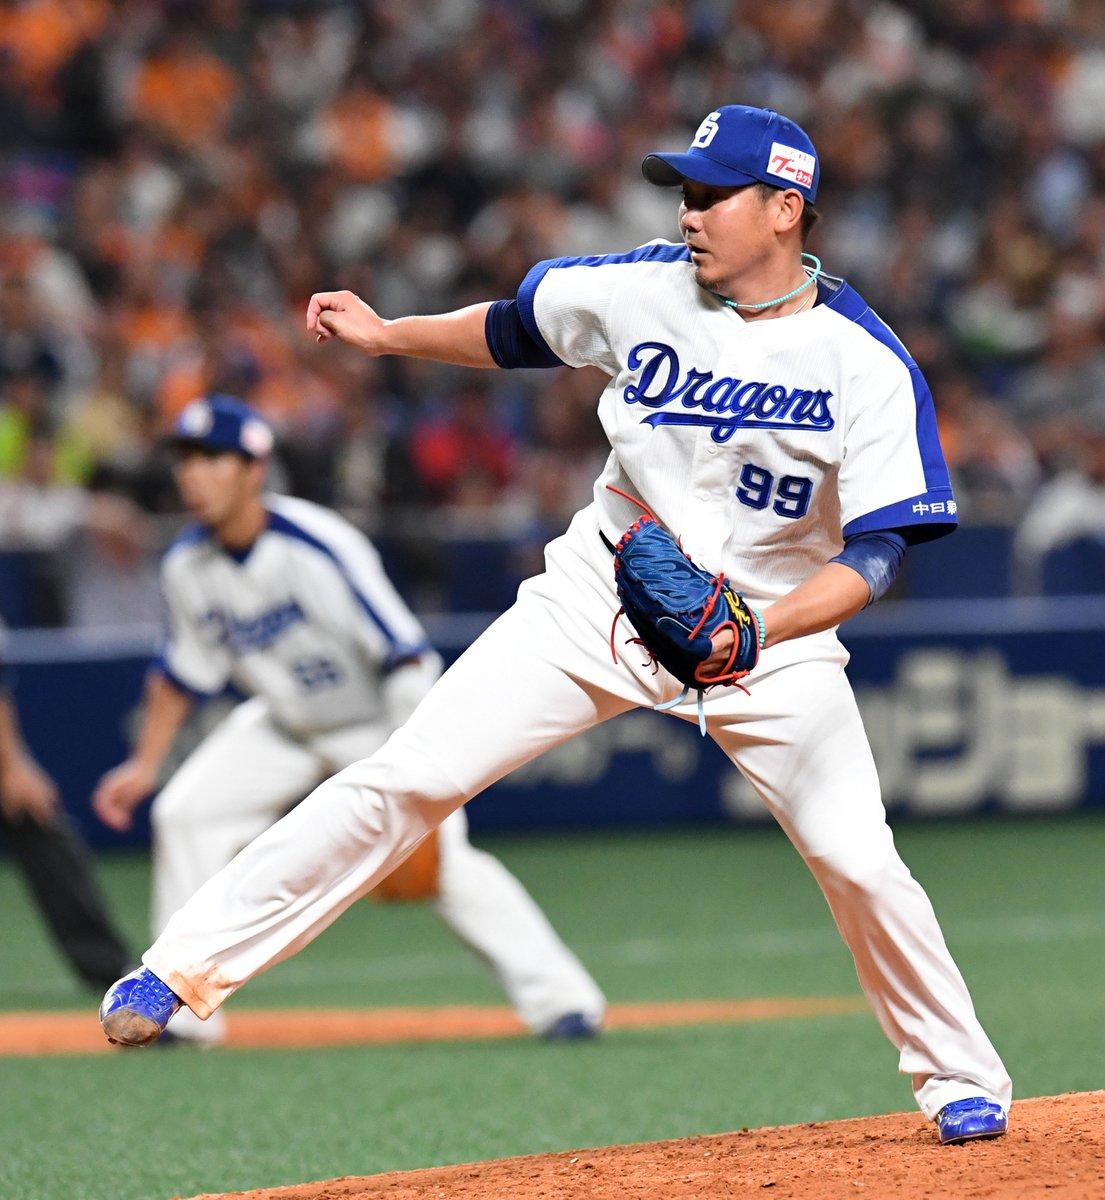 中日ドラゴンズ松坂大輔投手(37)が5回3失点で降板